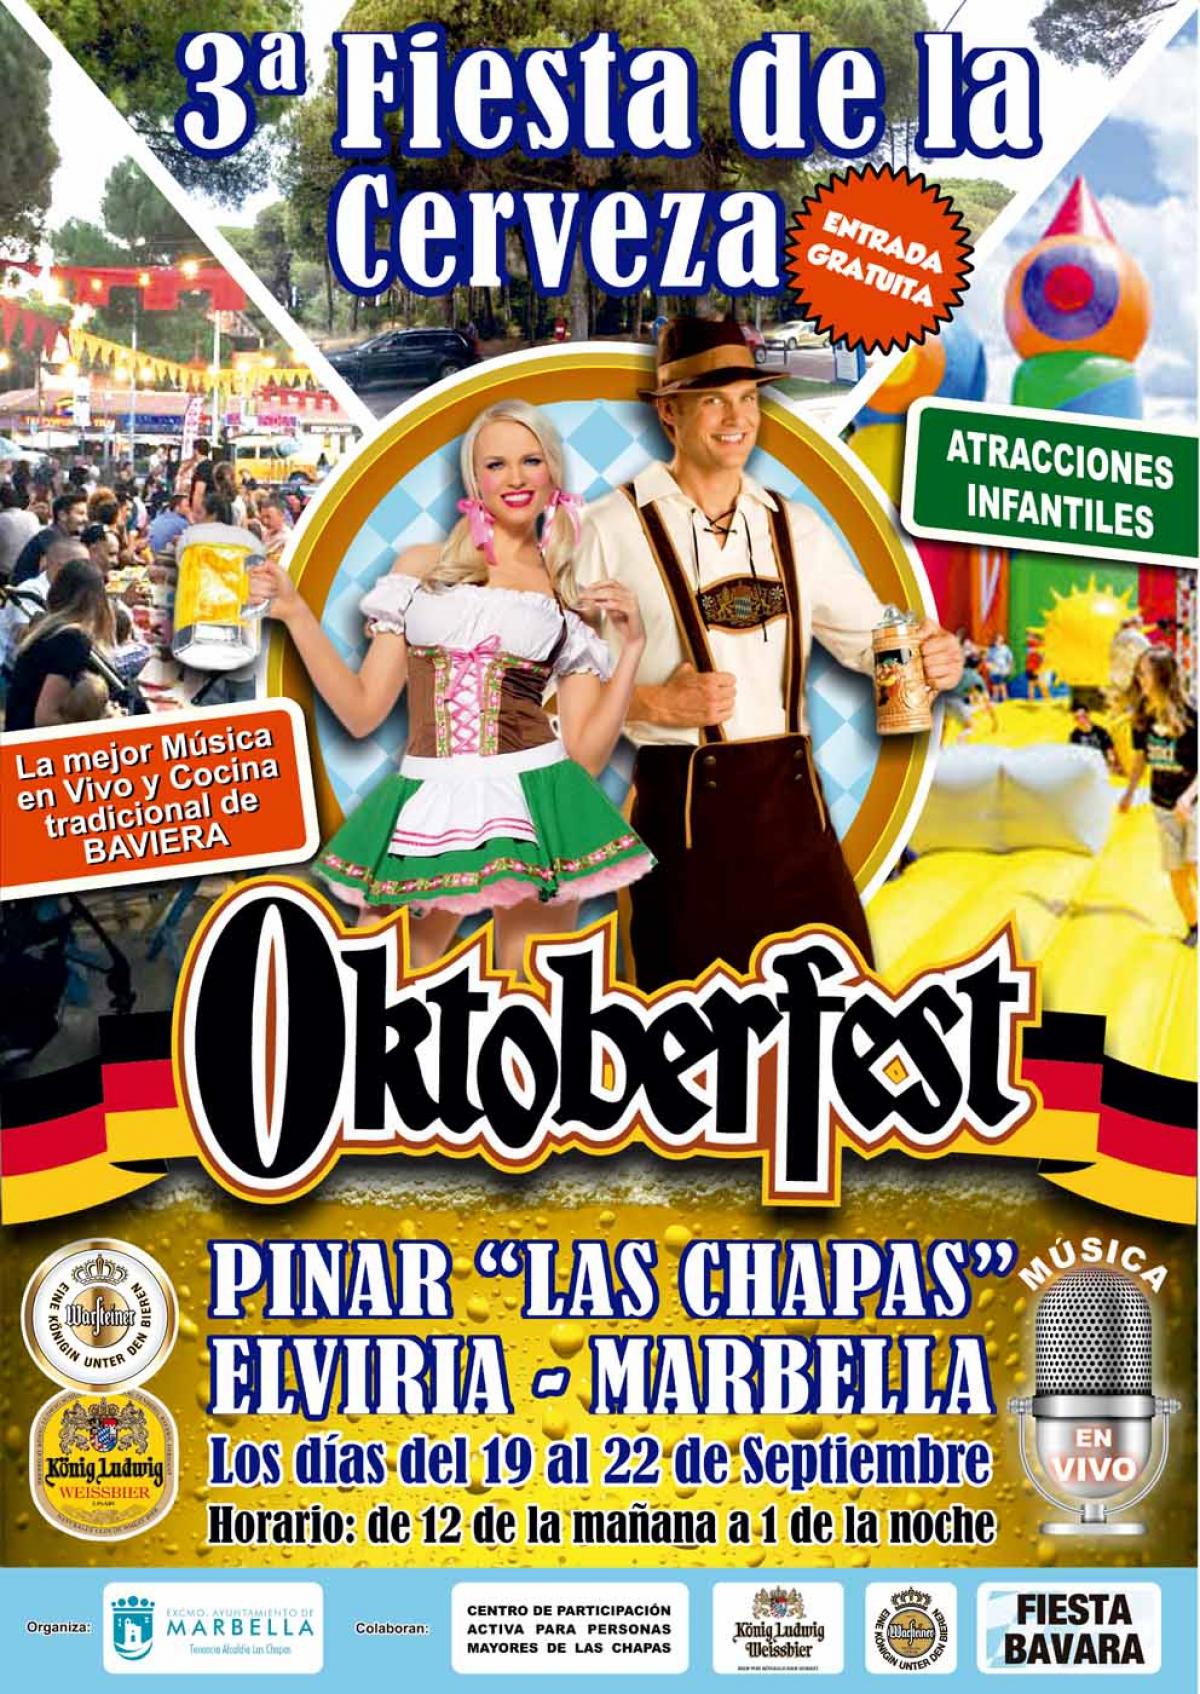 Las Chapas celebrará su tercera Fiesta de la Cerveza 'Oktoberfest' del 19 al 22 de septiembre